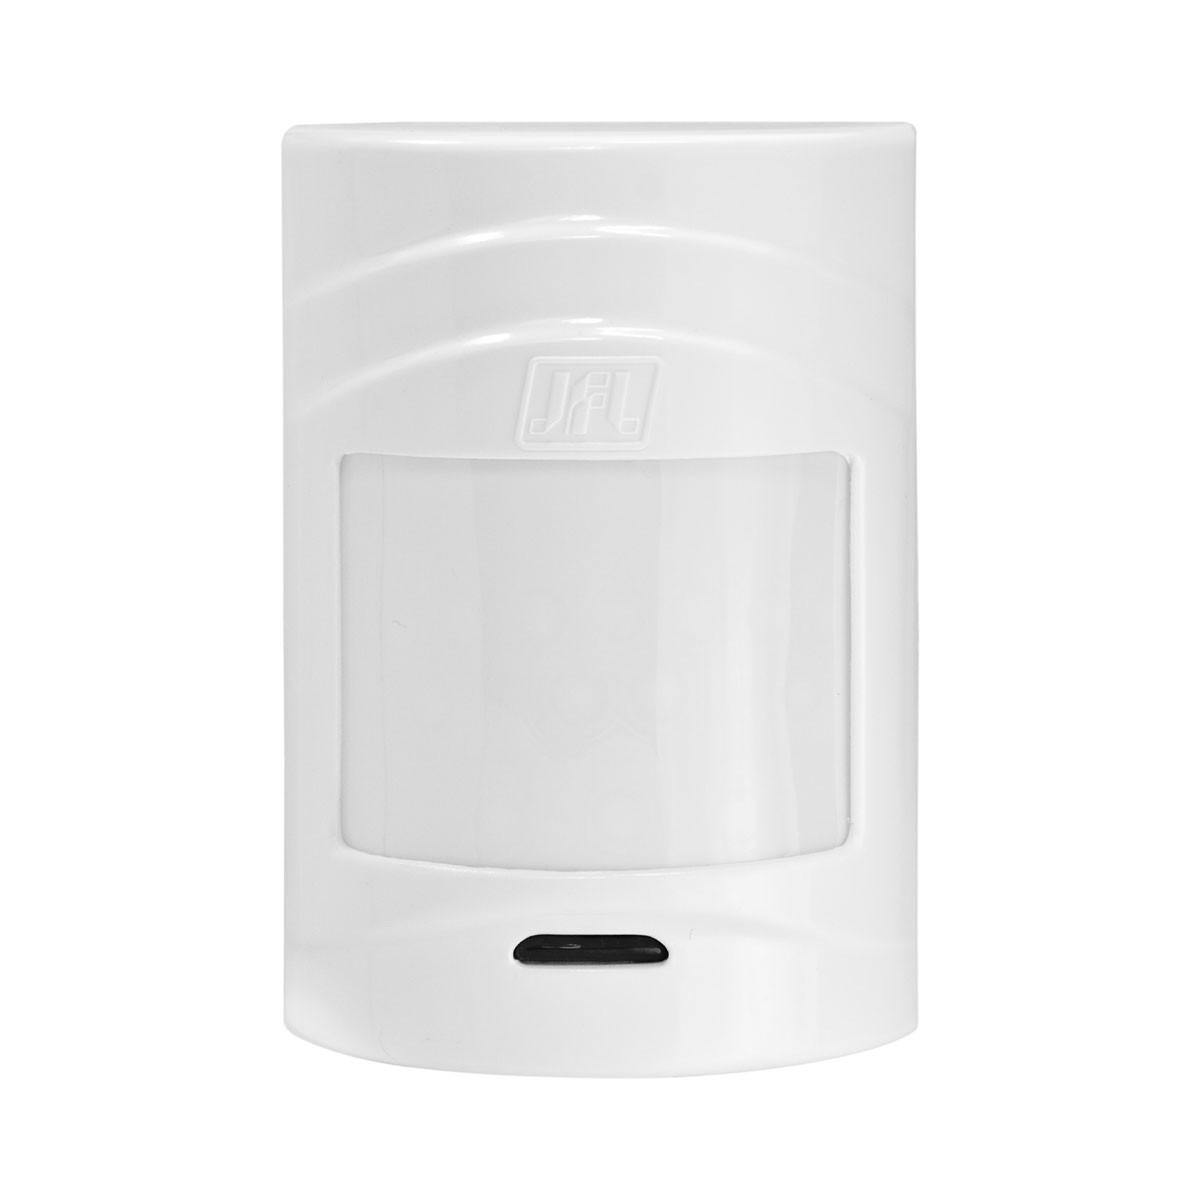 Kit Alarme Residencial Asd 260 Sem Fio Jfl Com Discadora Fixa